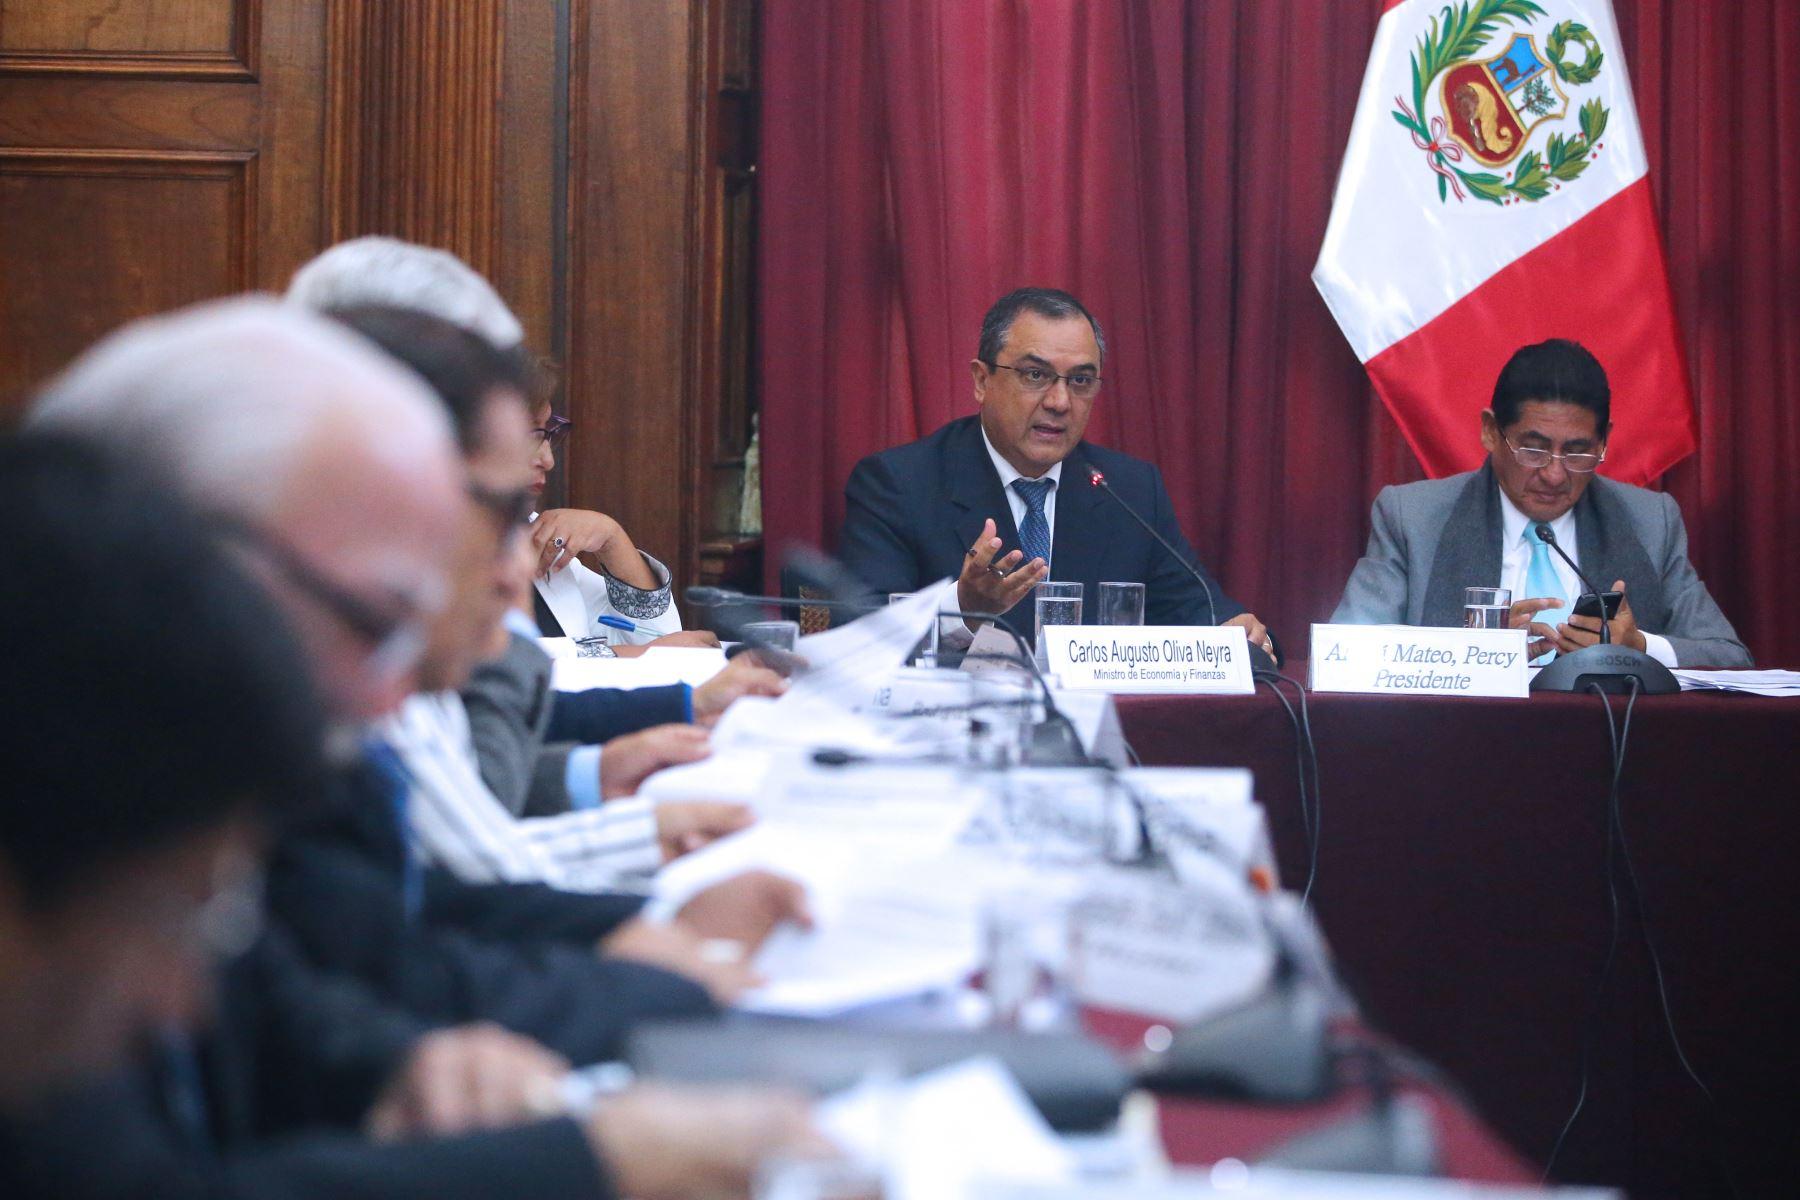 El Ministro de Economía y Finanzas, Carlos Augusto Oliva, se presenta en el Congreso. Foto: ANDINA/Vidal Tarqui